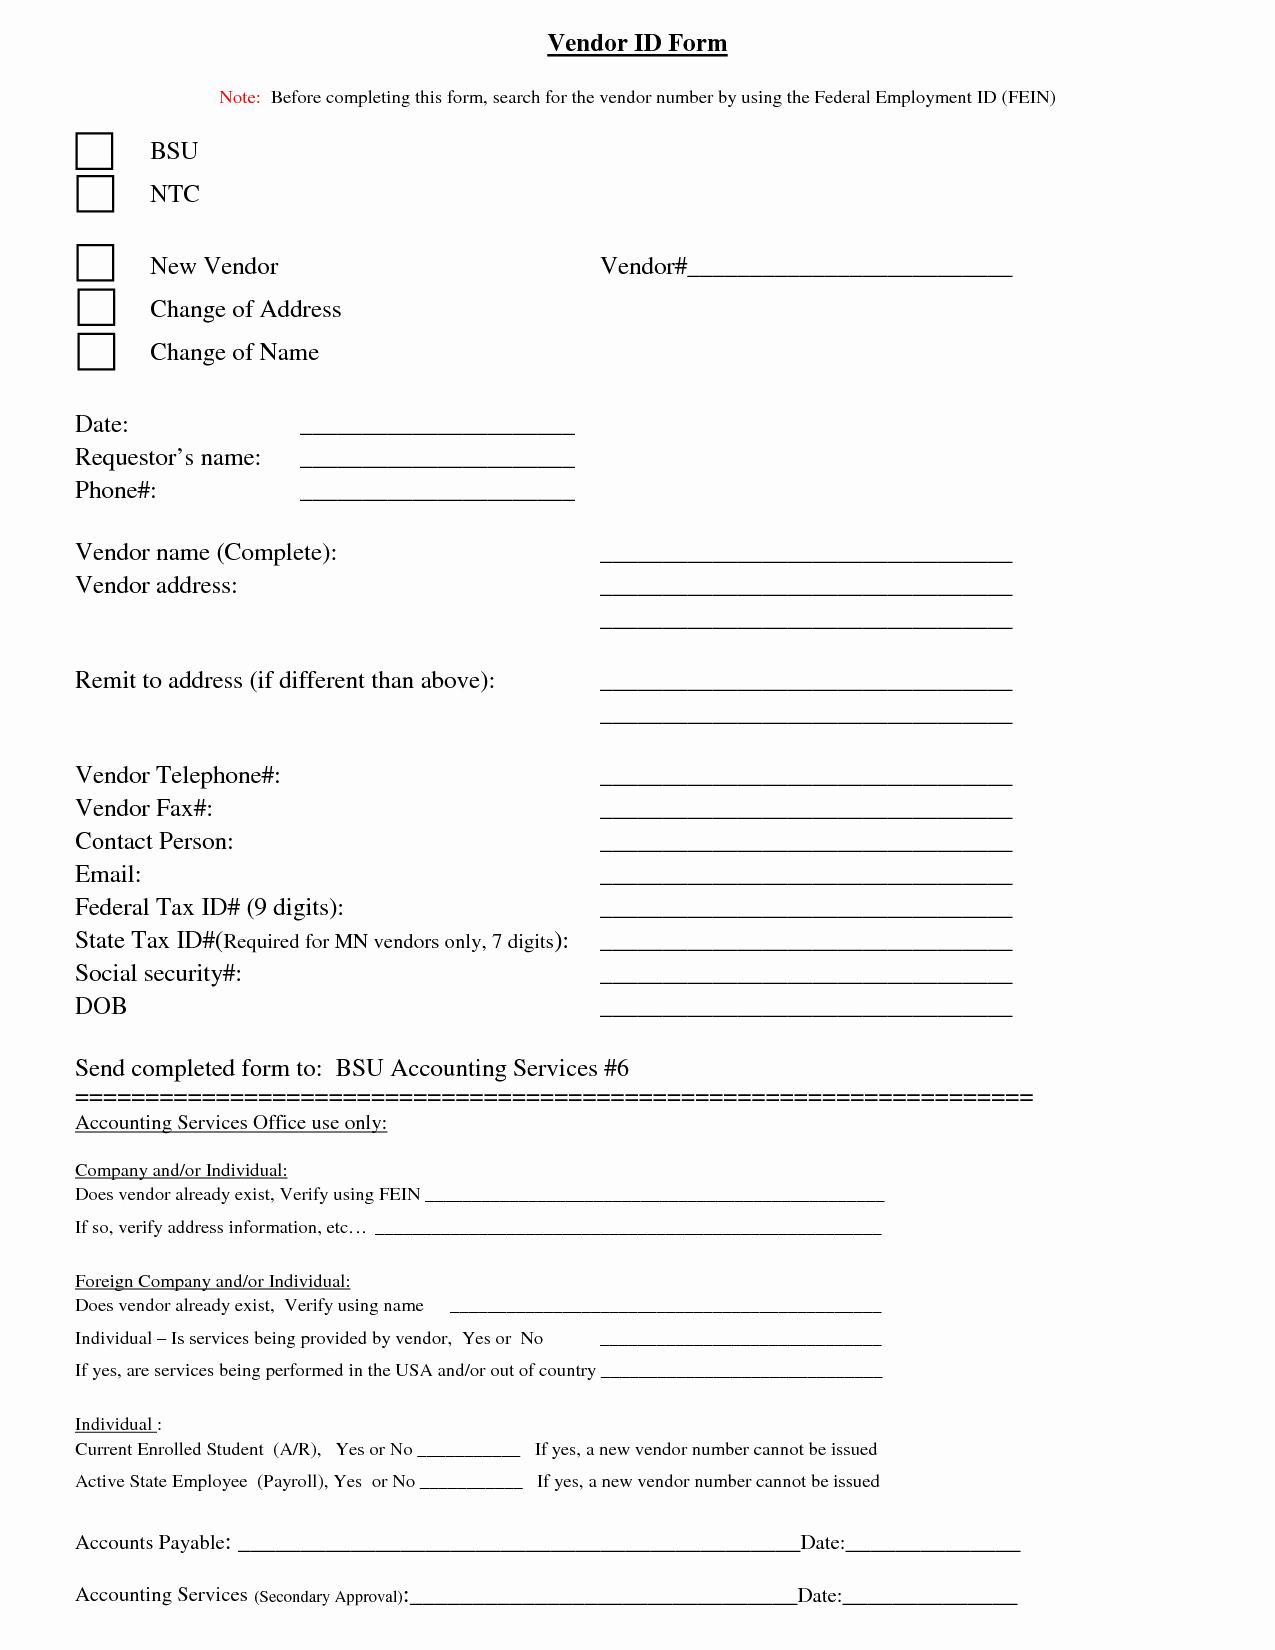 Vendor Information form Template Unique Best S Of New Vendor Request form Template Vendor